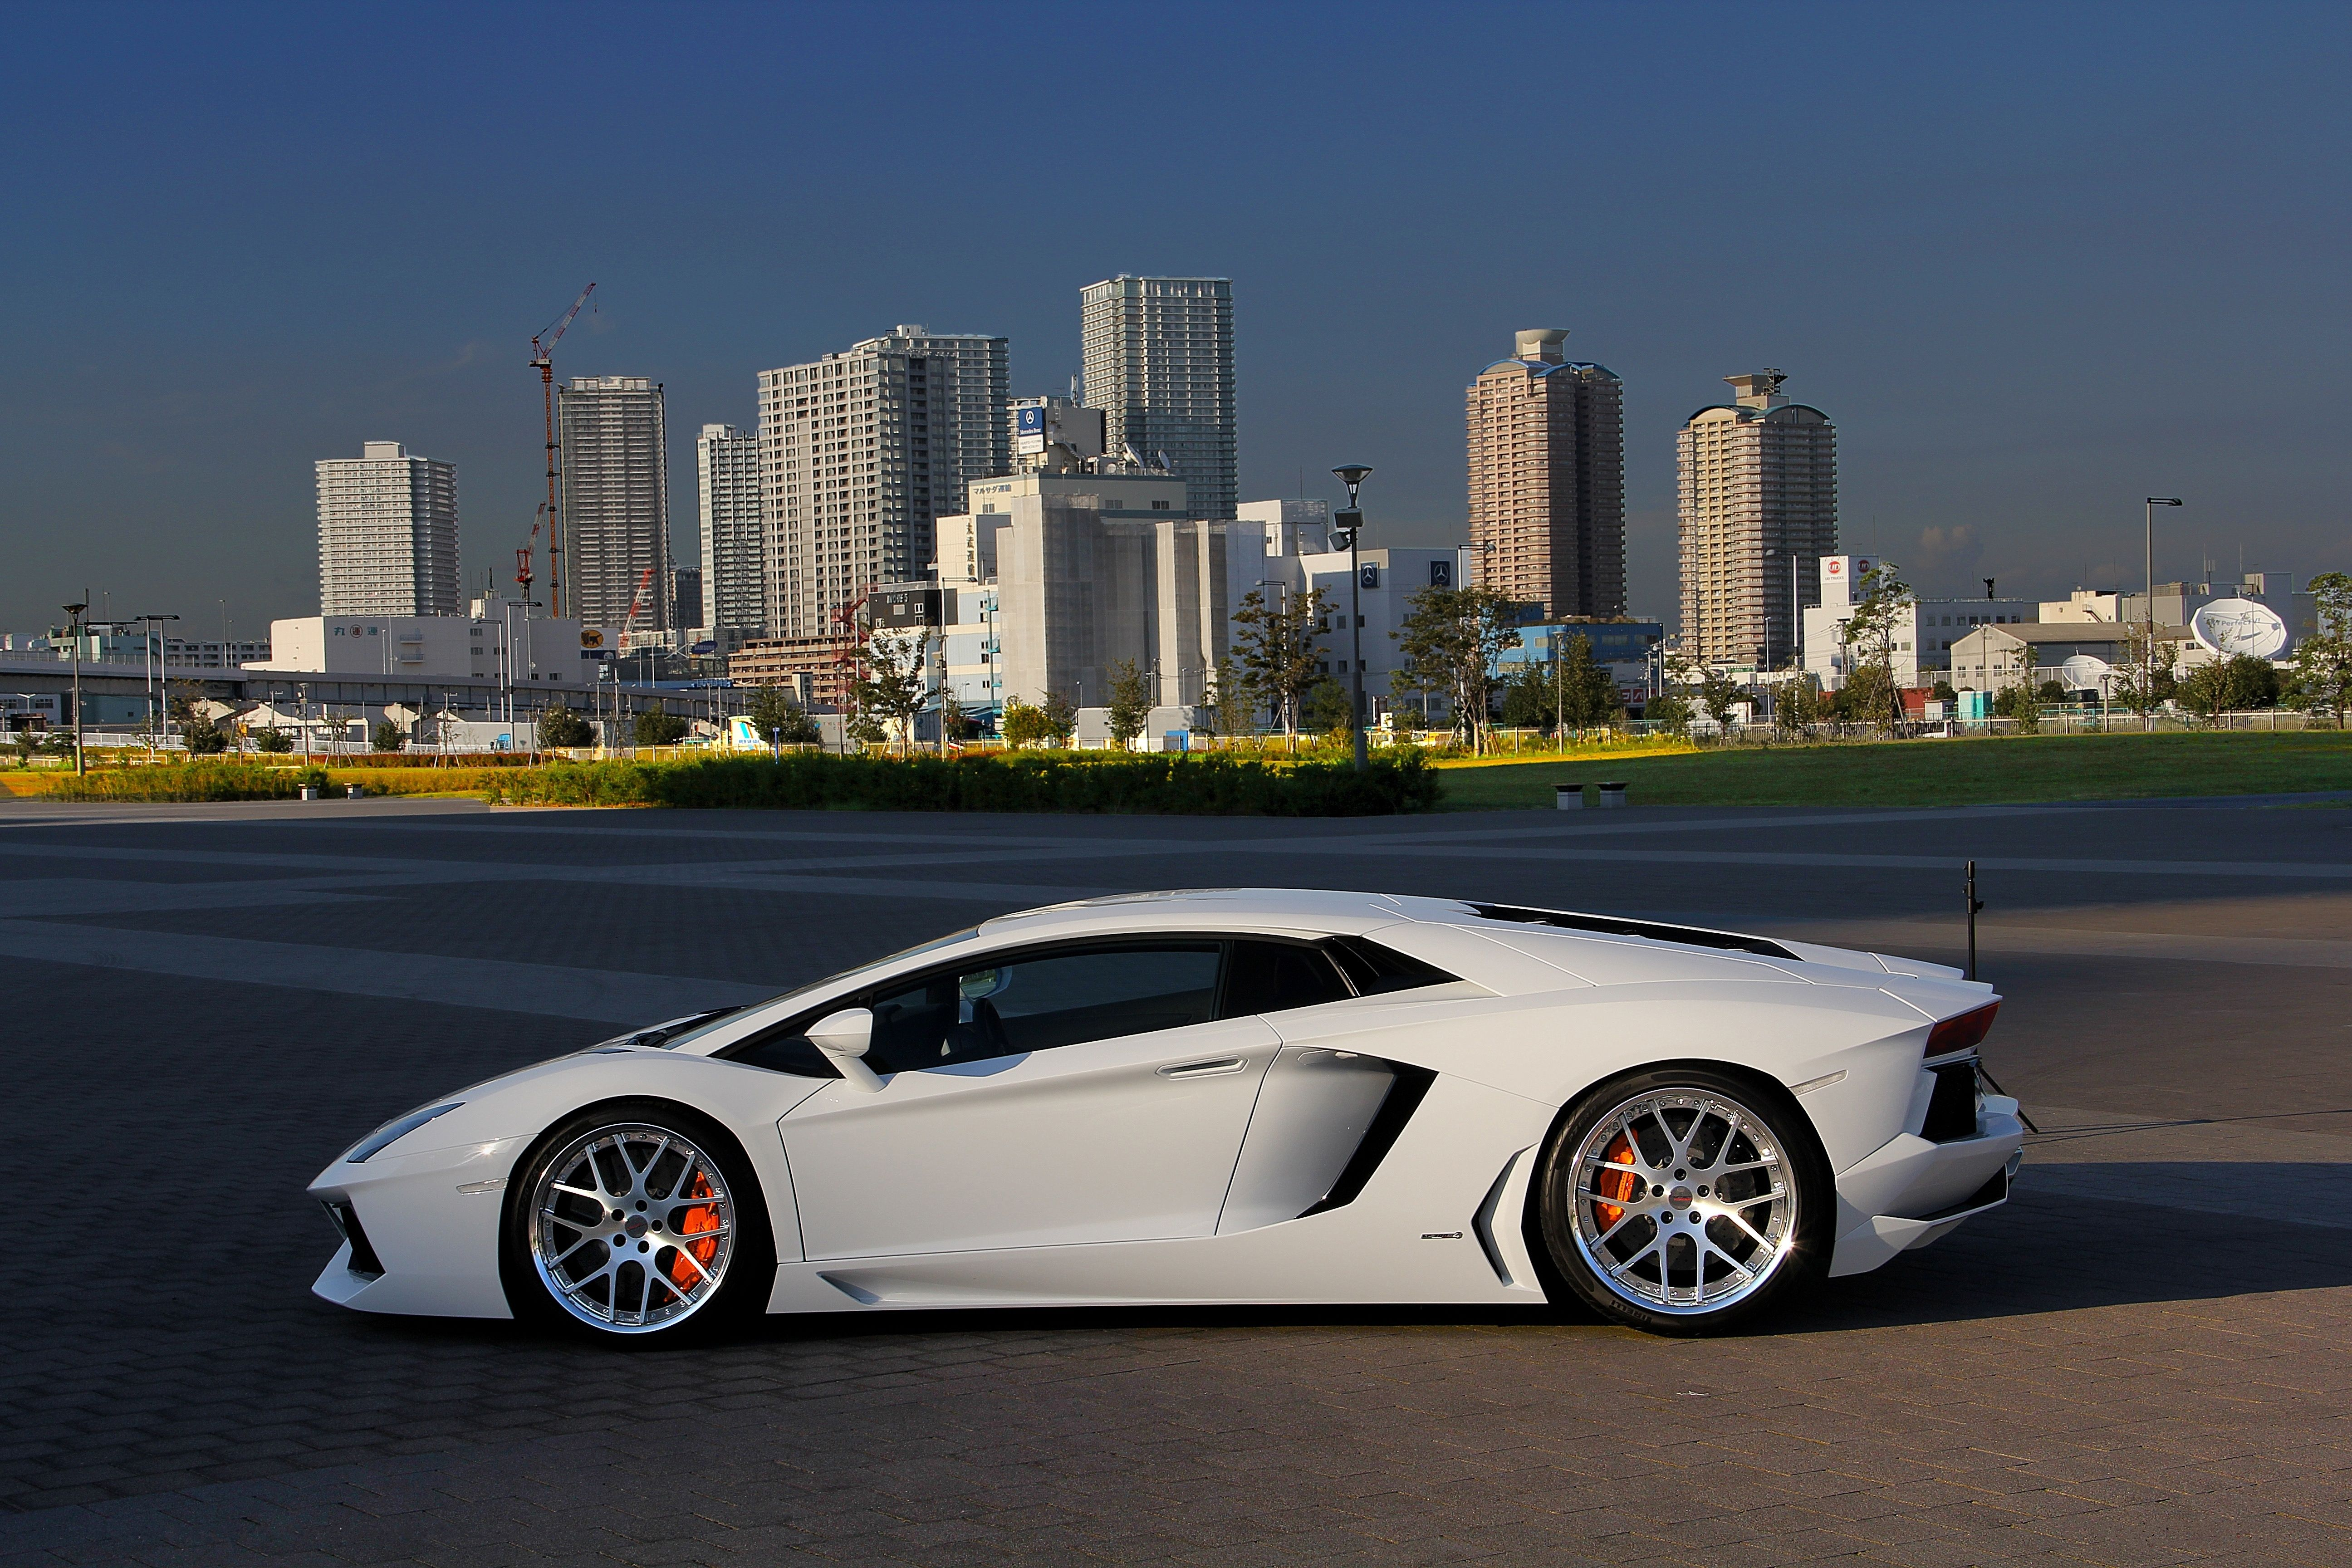 voiture lamborghini lamborghini aventador voiture blanche vue de c t best design. Black Bedroom Furniture Sets. Home Design Ideas